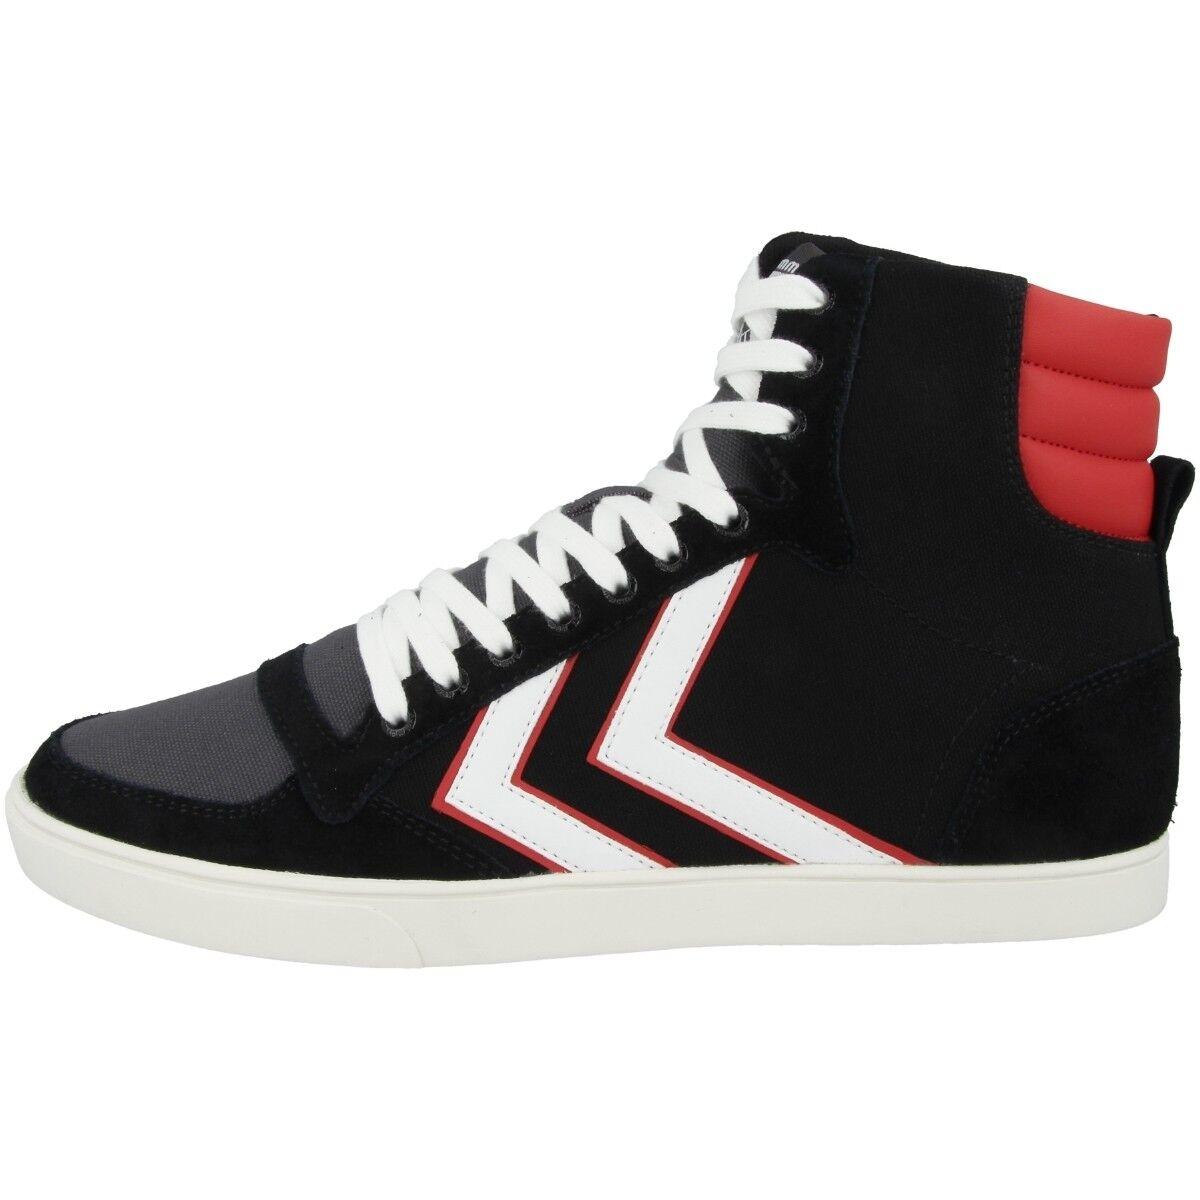 Hummel Slimmer Stadil High zapatos Hi Top zapatilla de deporte Casual zapatillas 203-372-2001